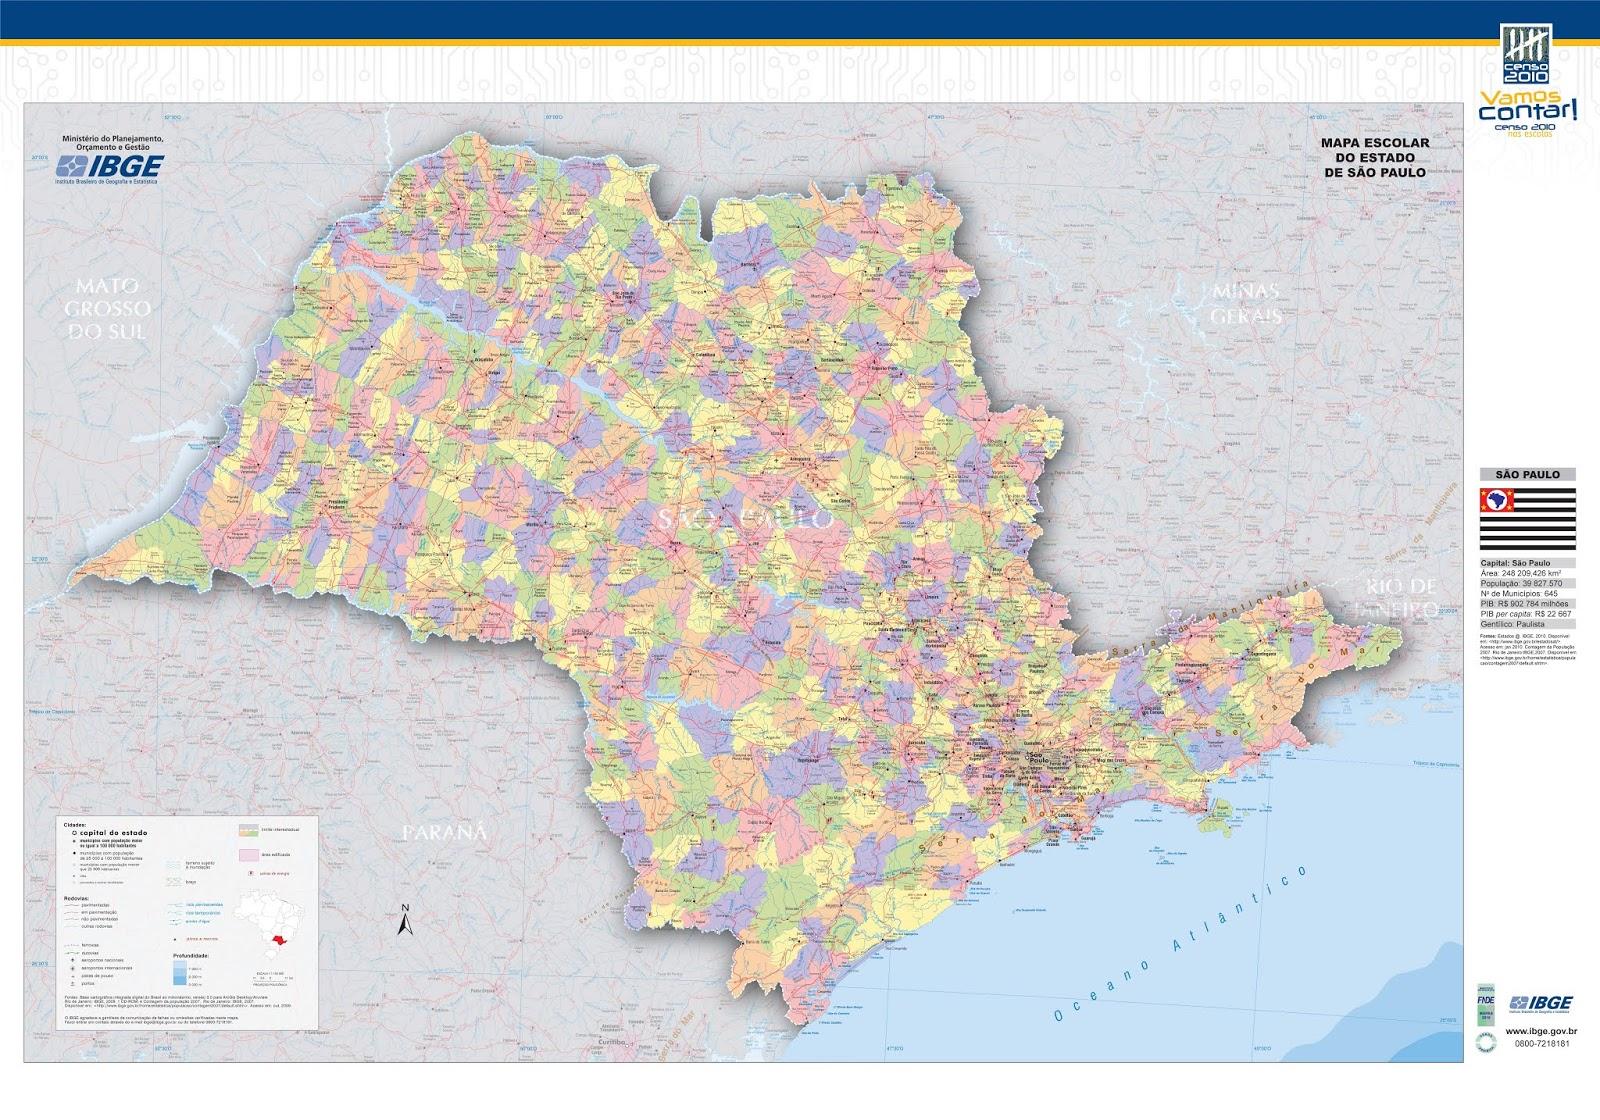 Mapa Político e Rodoviário do Estado de São Paulo